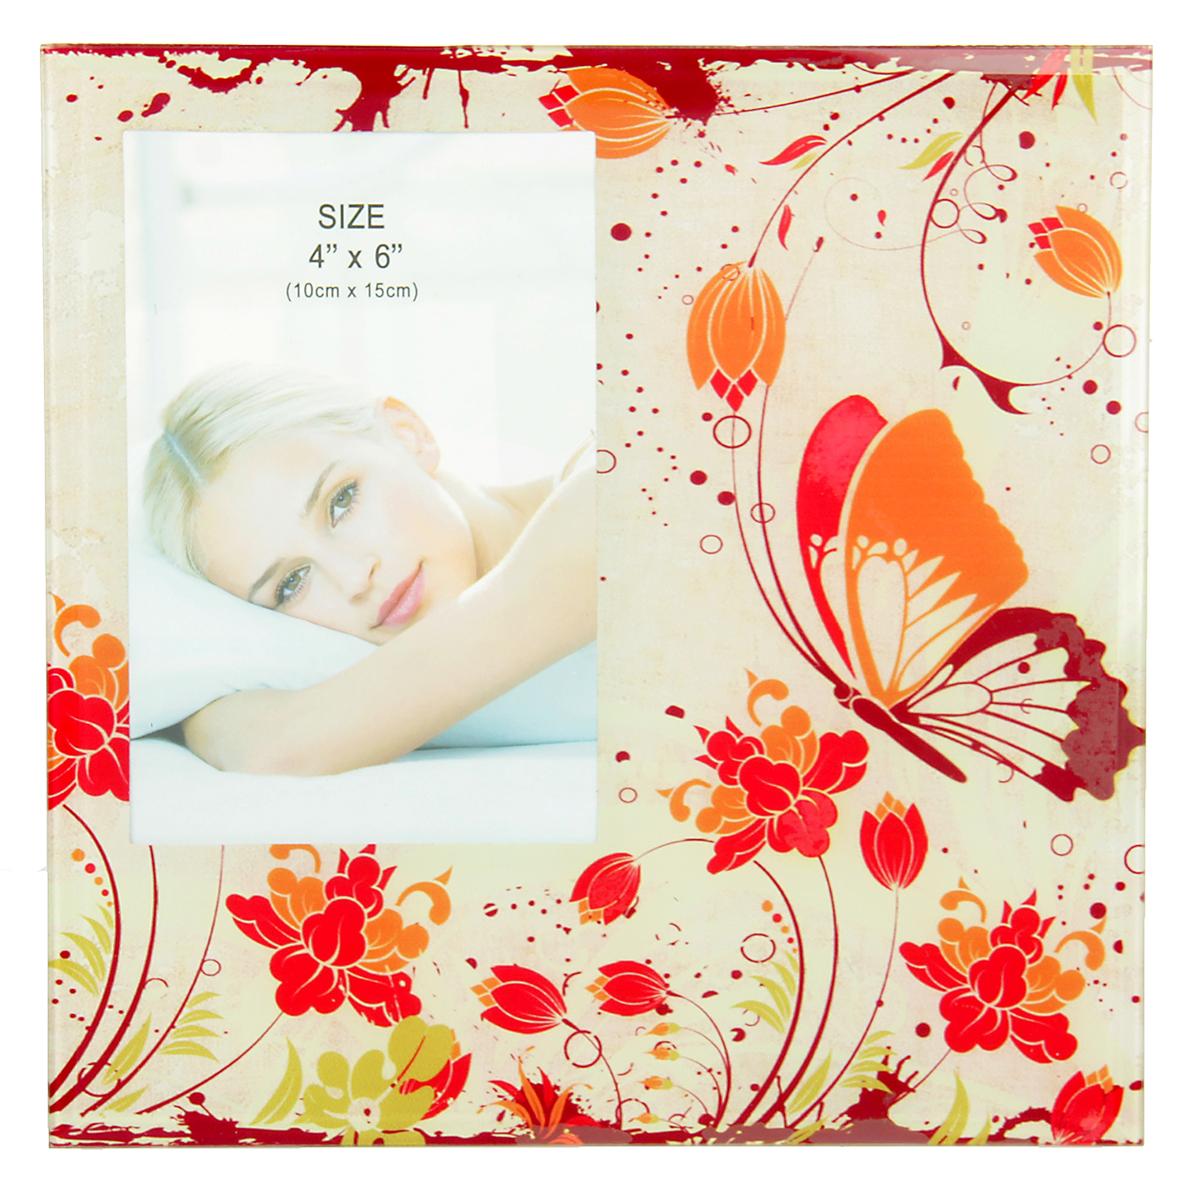 """Фоторамка """"Оранжевая бабочка"""" сохранит самые прекрасные моменты вашей жизни.Характеристики: Материал: стеклоРазмер: 10 х 15 см."""